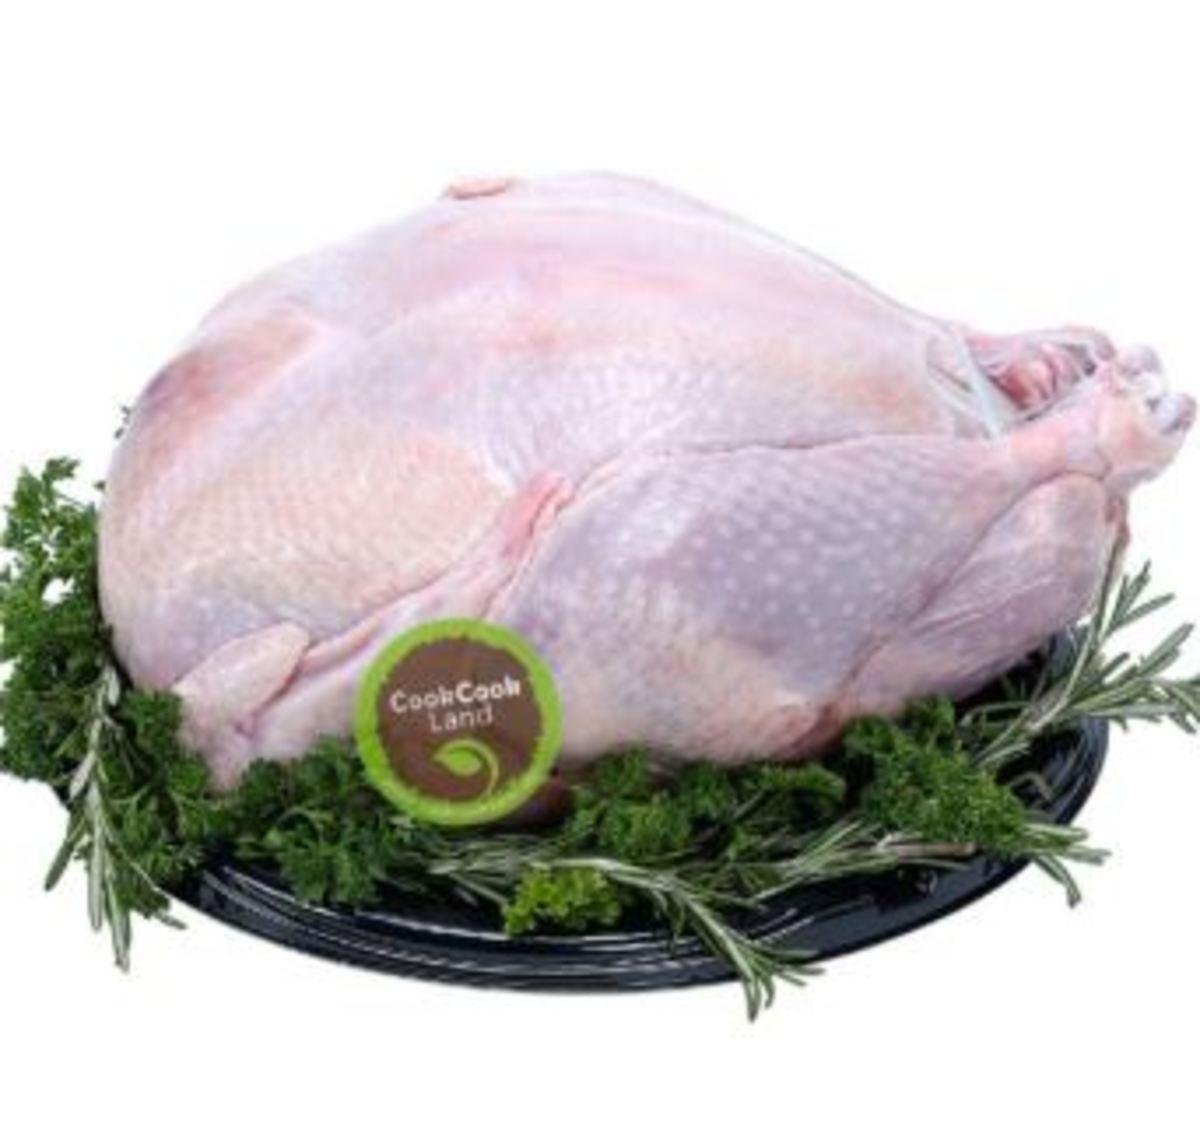 美國火雞 22-24 lbs